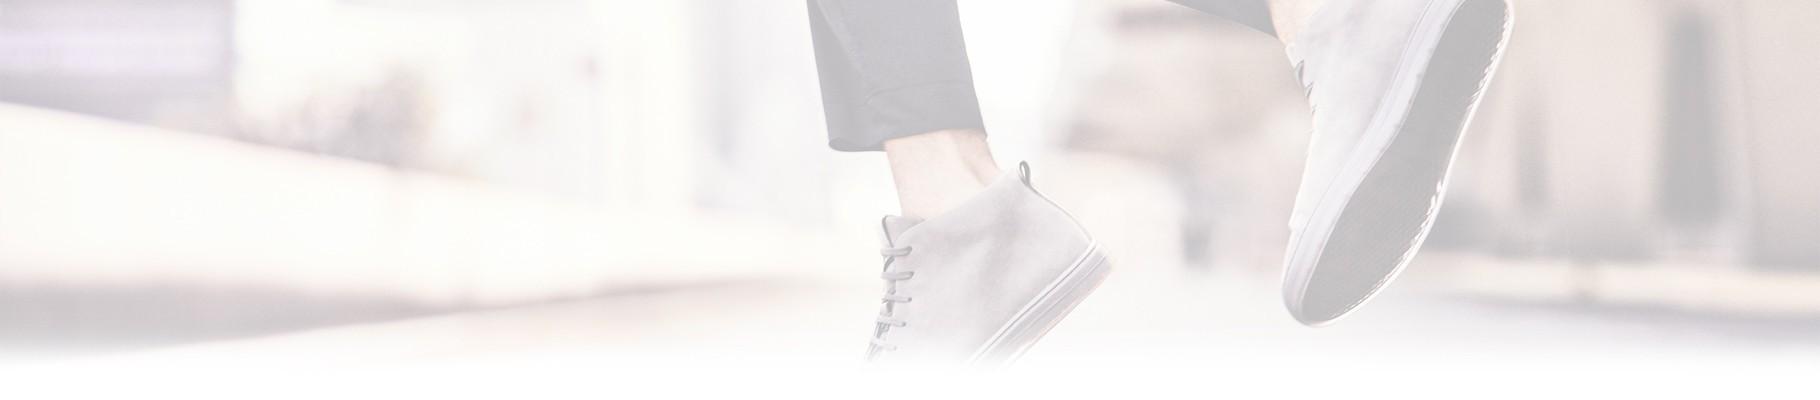 Le sneakers uomo sono una calzatura casual,versatile allo stesso tempo